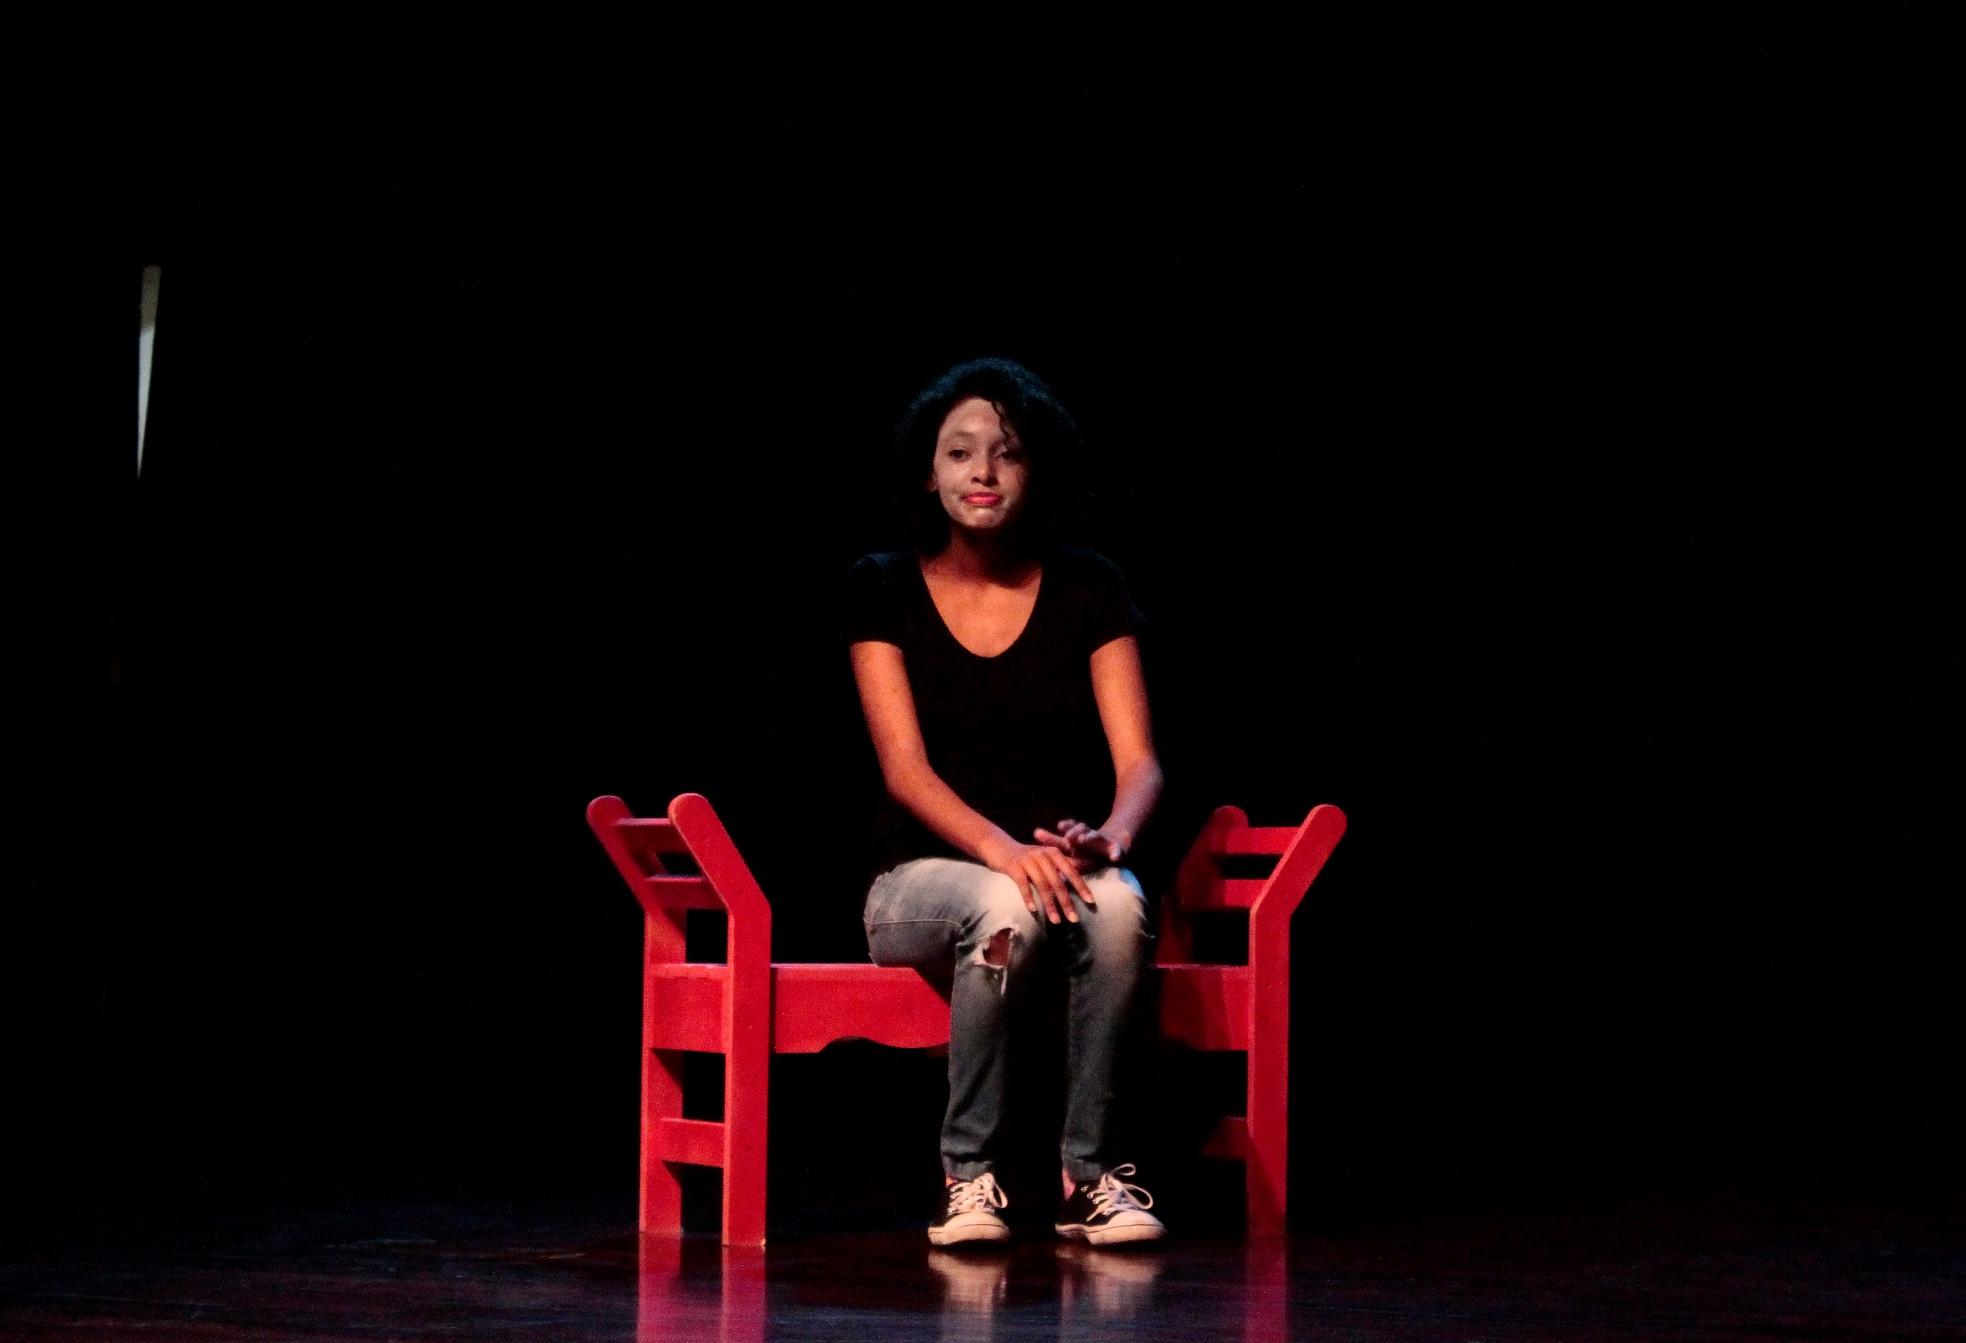 Na EMEBS Professora Vera Lúcia Aparecida Ribeiro, o teatro foi a ferramenta encontrada para unir os mundos surdo e ouvinte